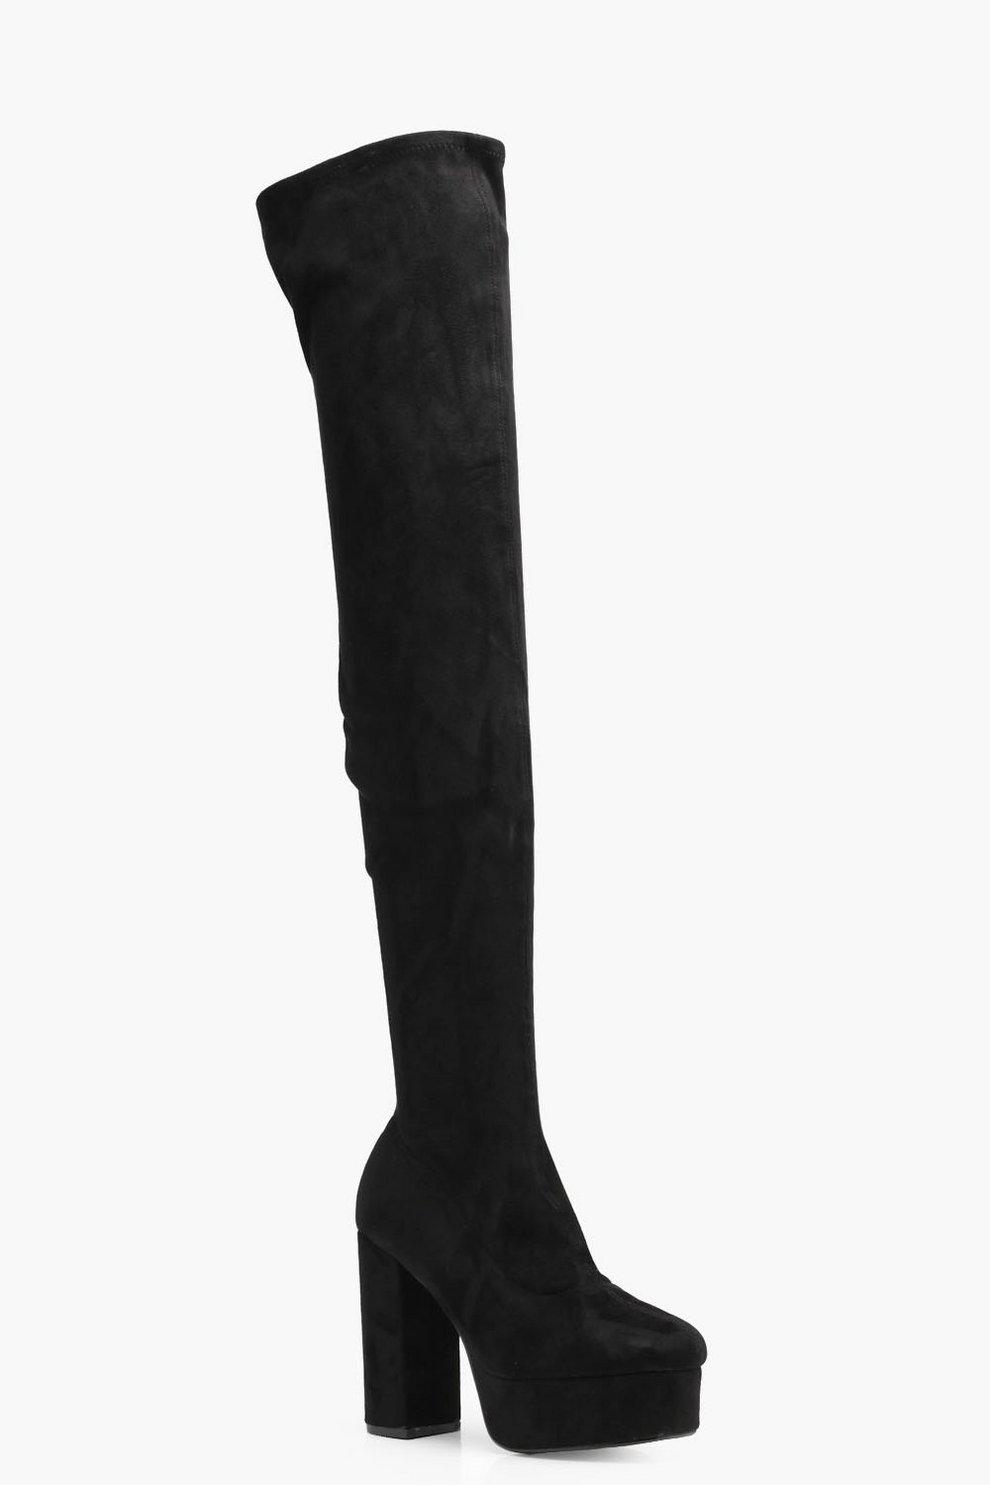 015d05cd036 Platform Block Heel Over the Knee Boots